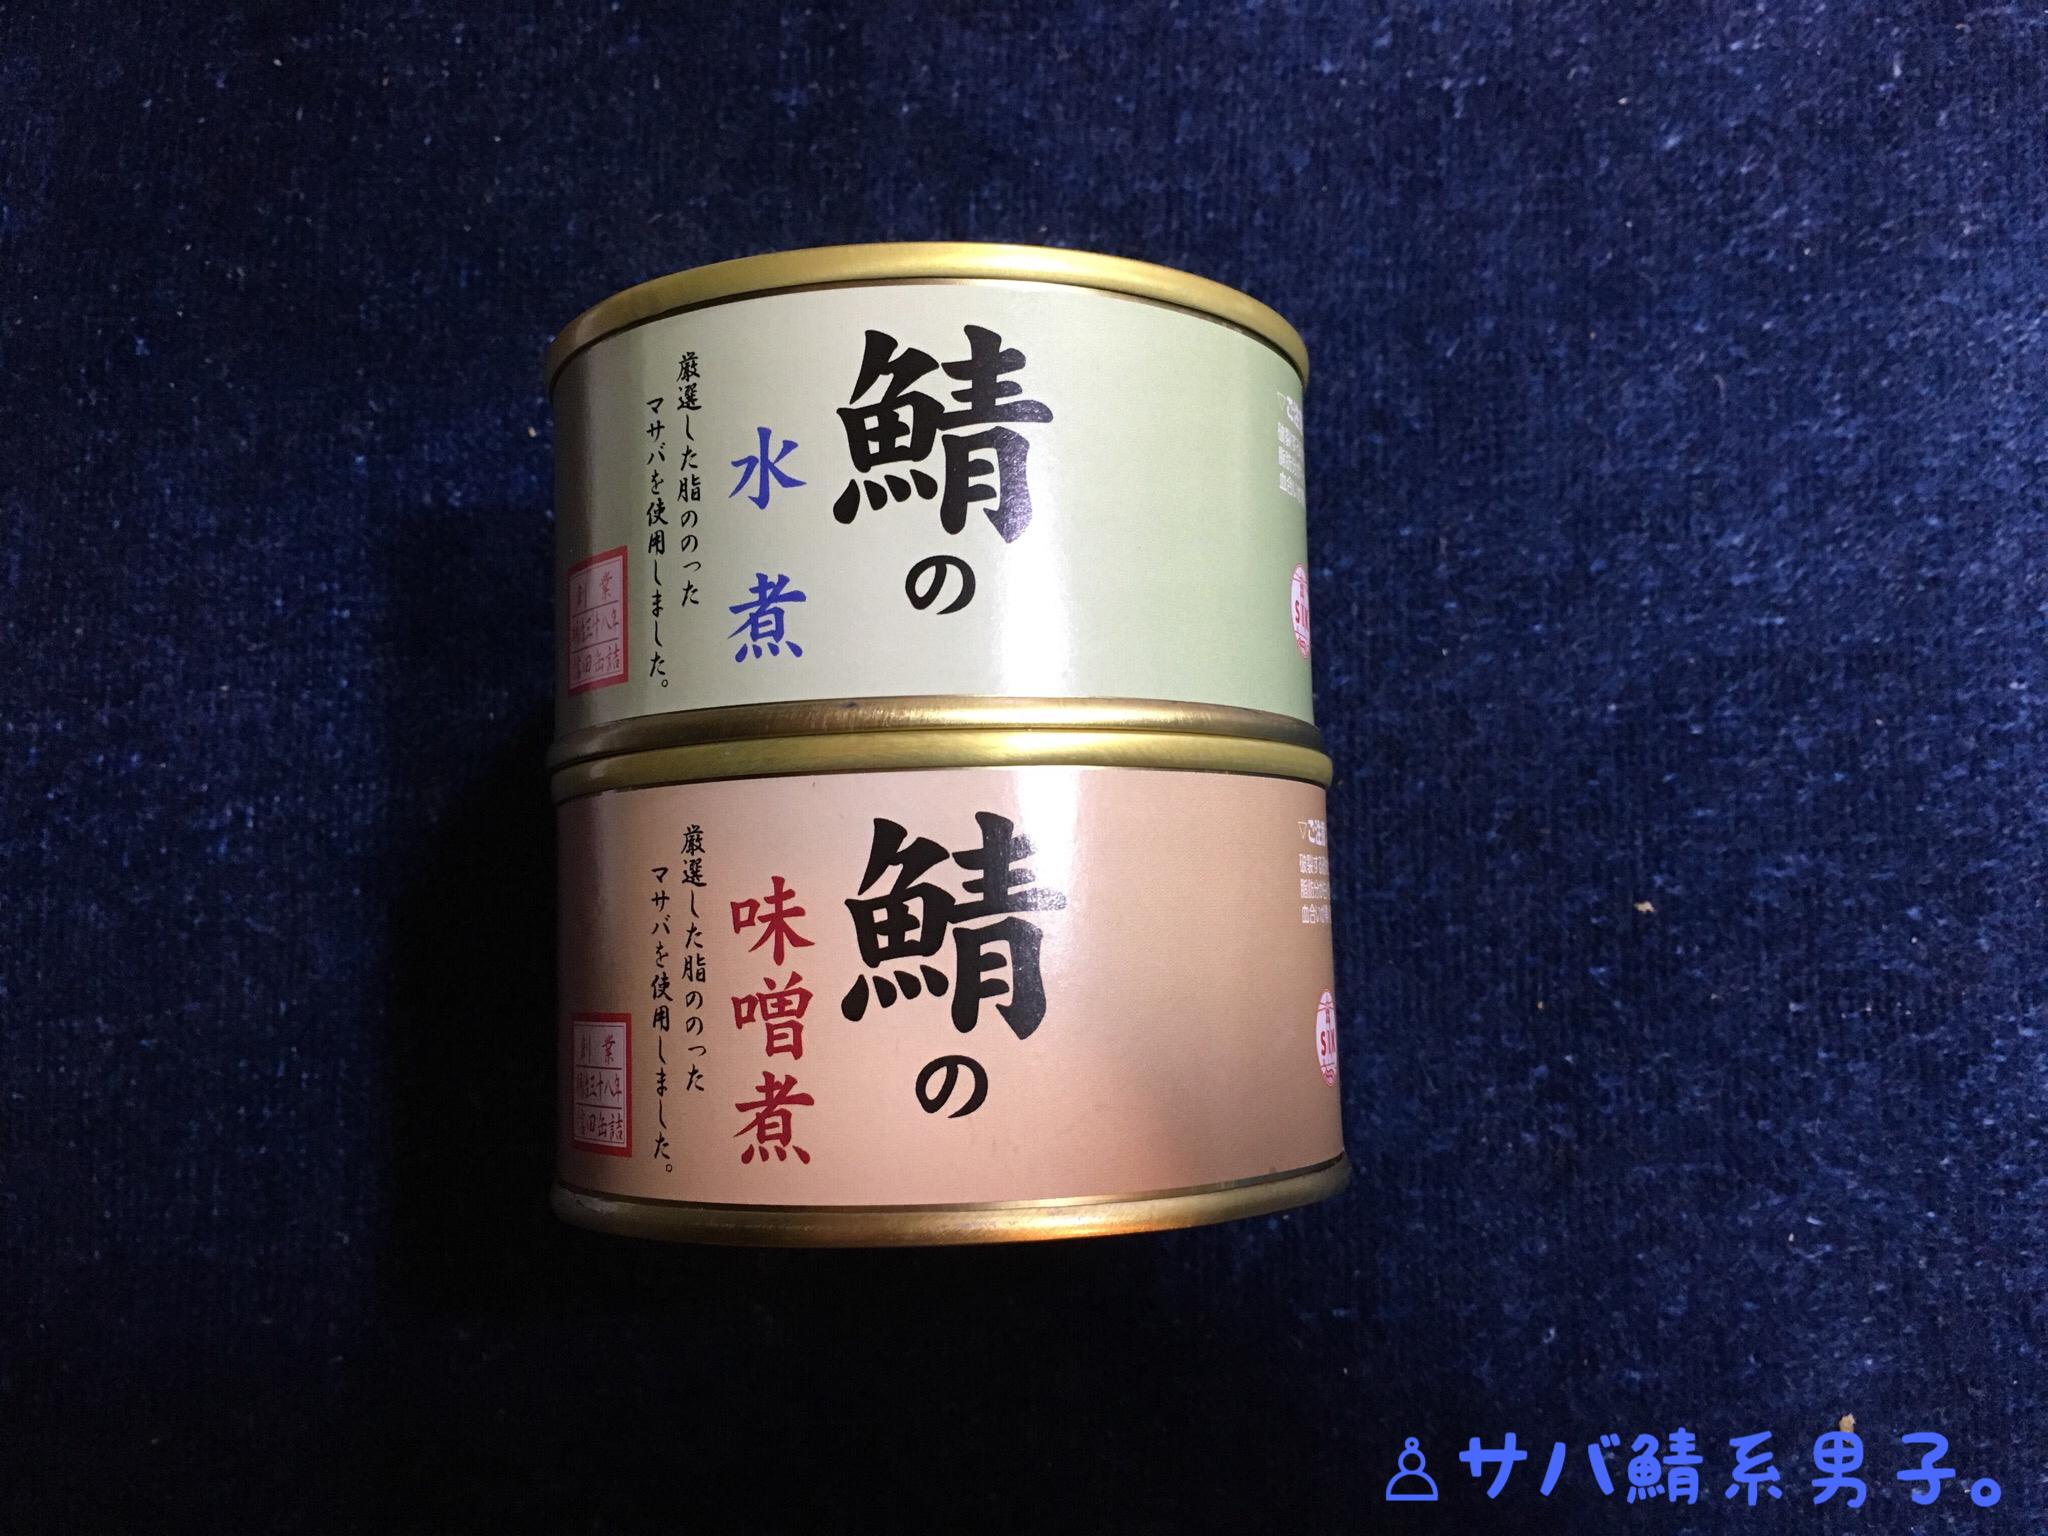 信田缶詰 鯖の水煮 鯖の味噌煮